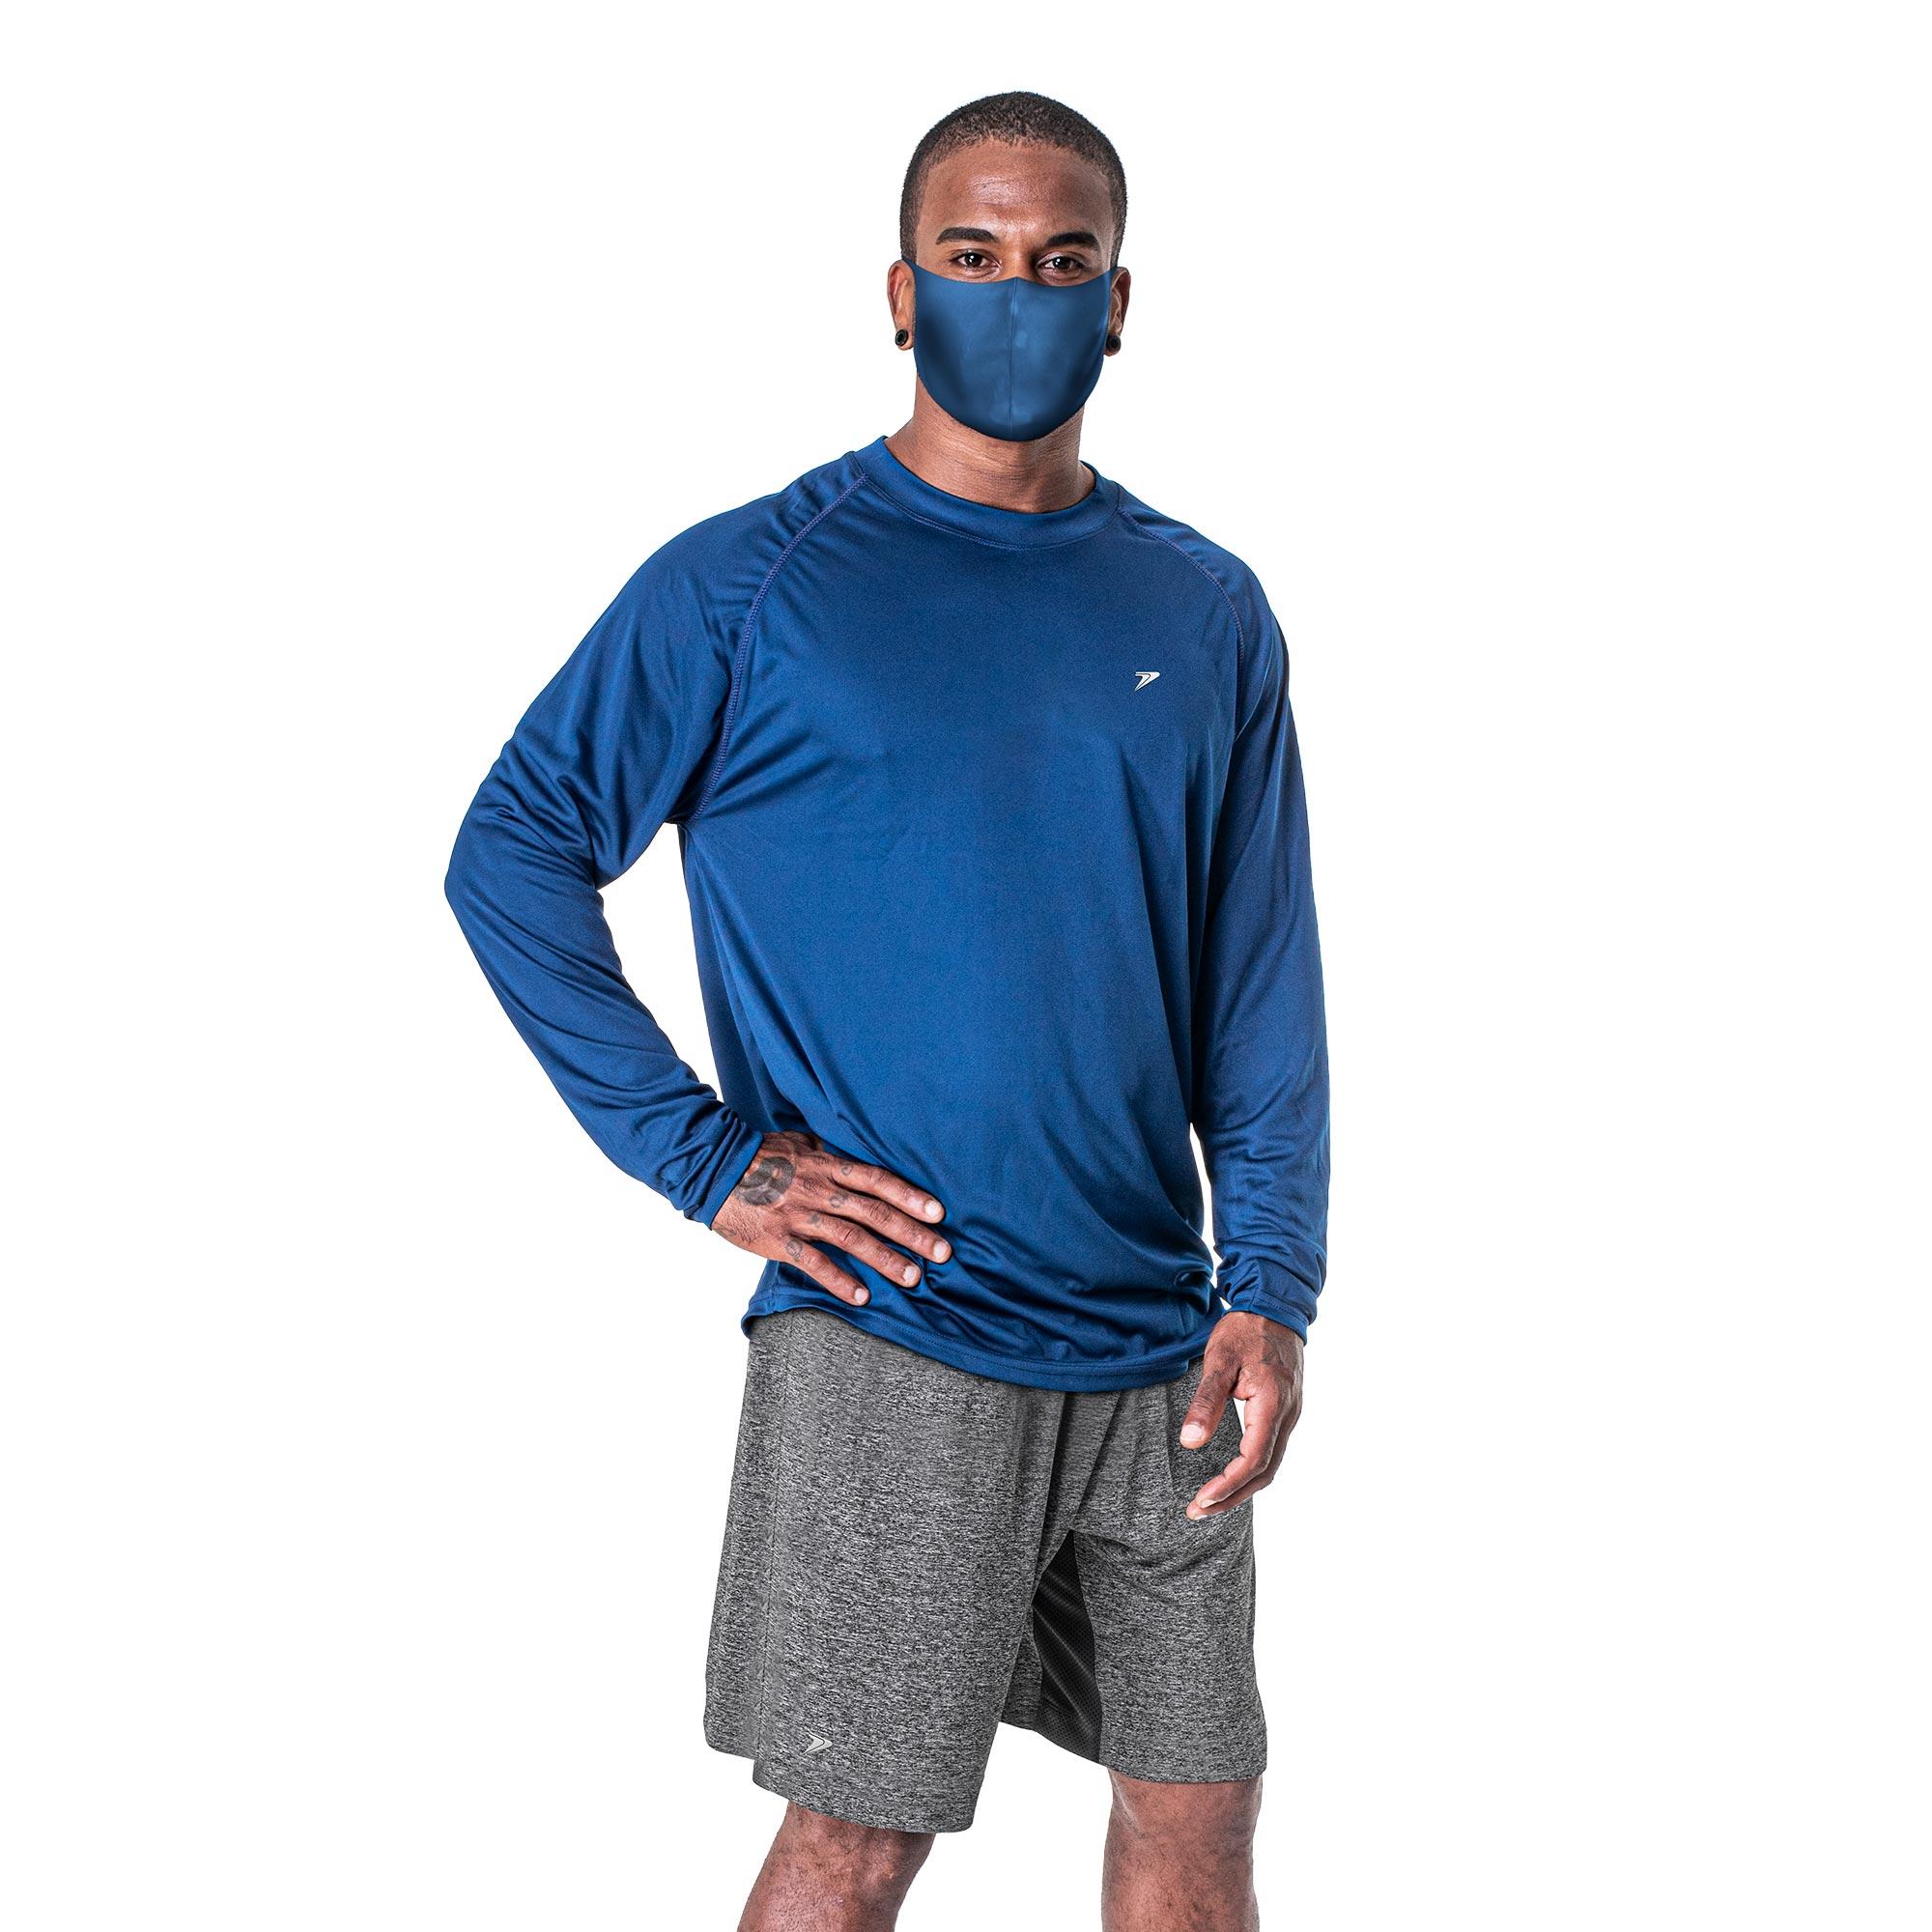 Camisa Masculina M/L Térmica UV Antiviral - COVID 19 04211